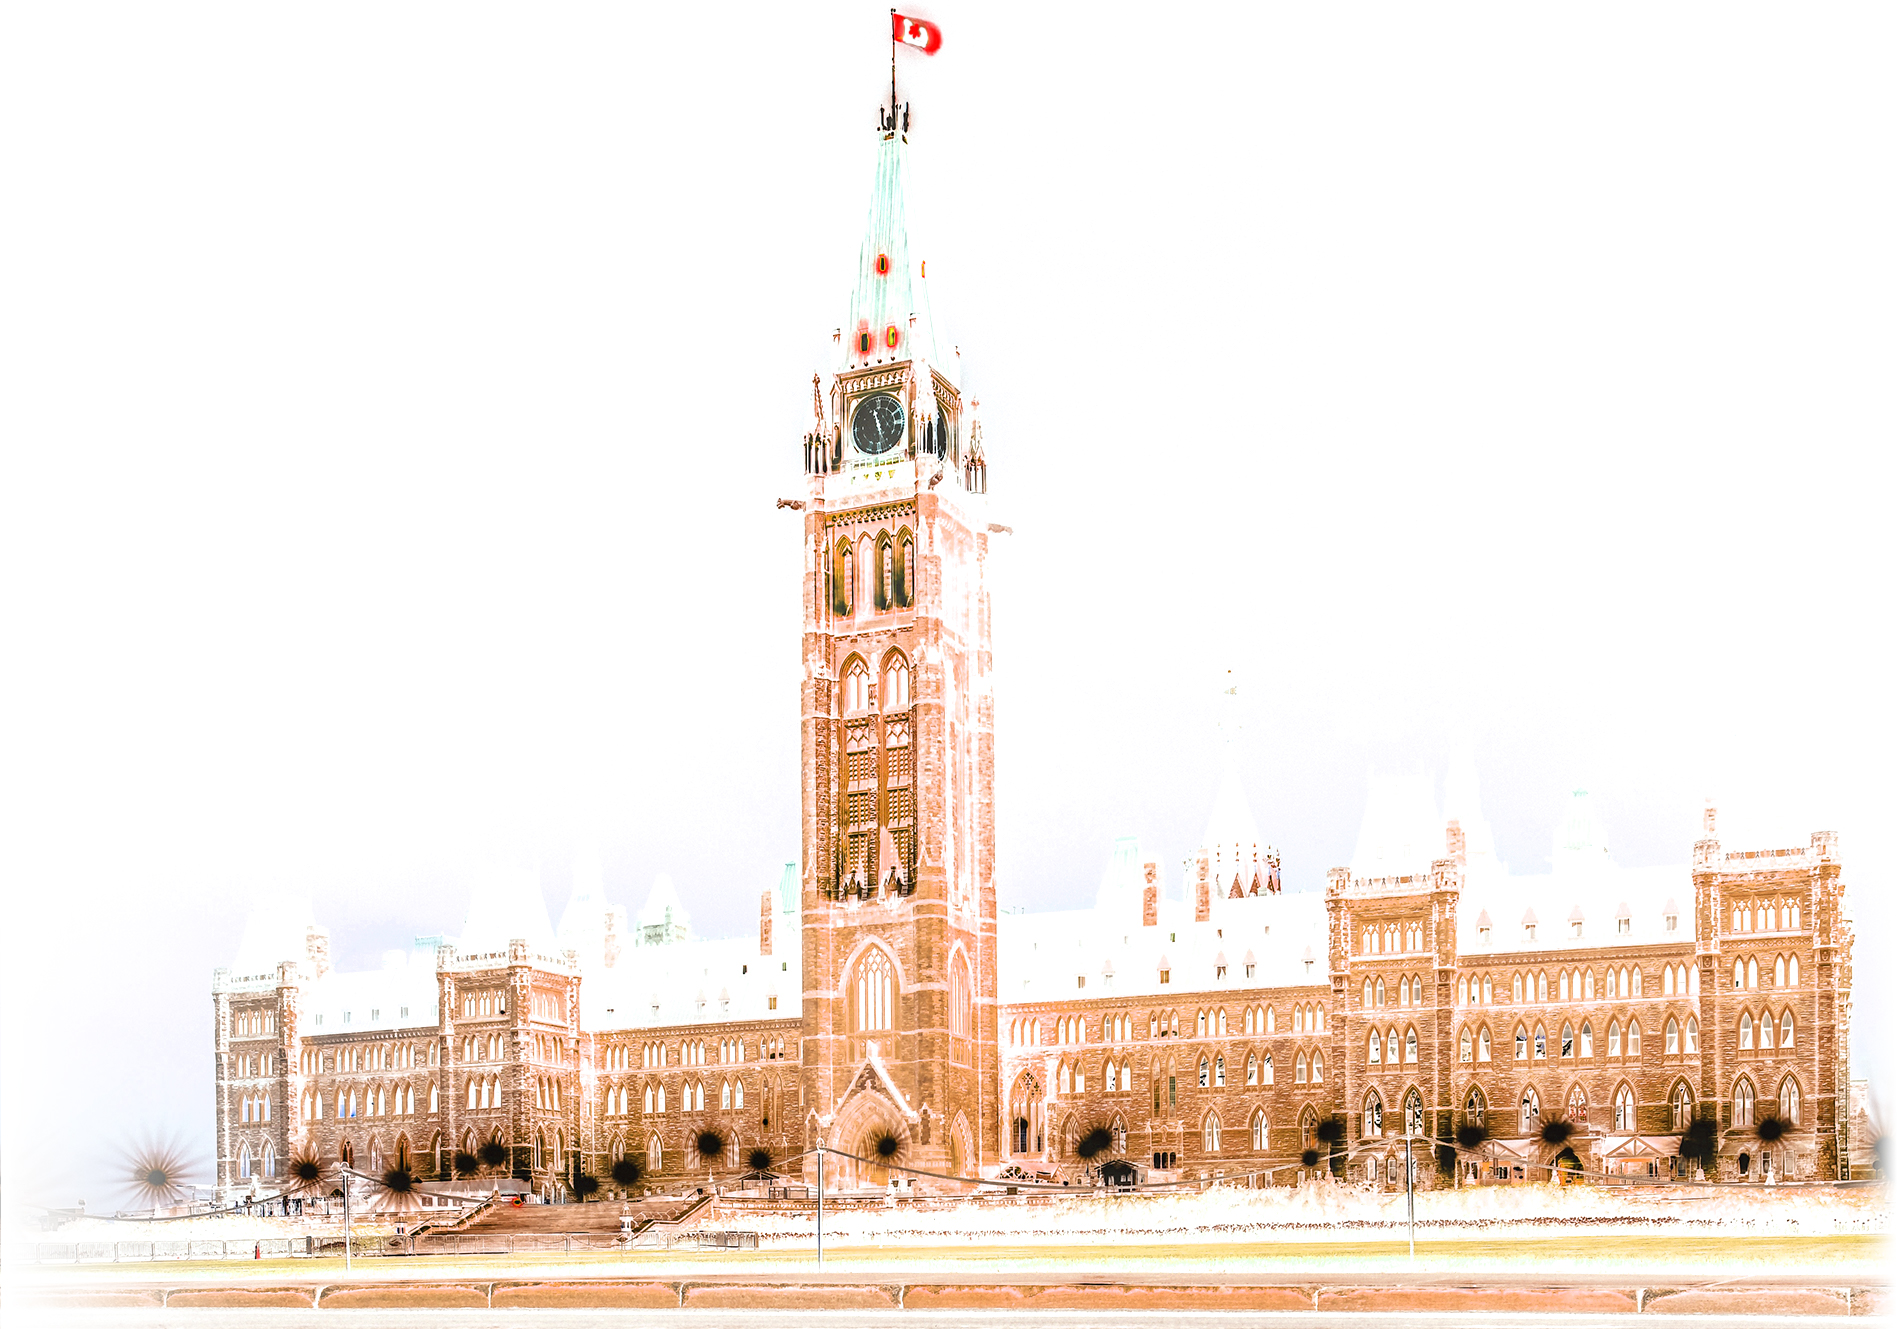 parliment hill invert2.jpg